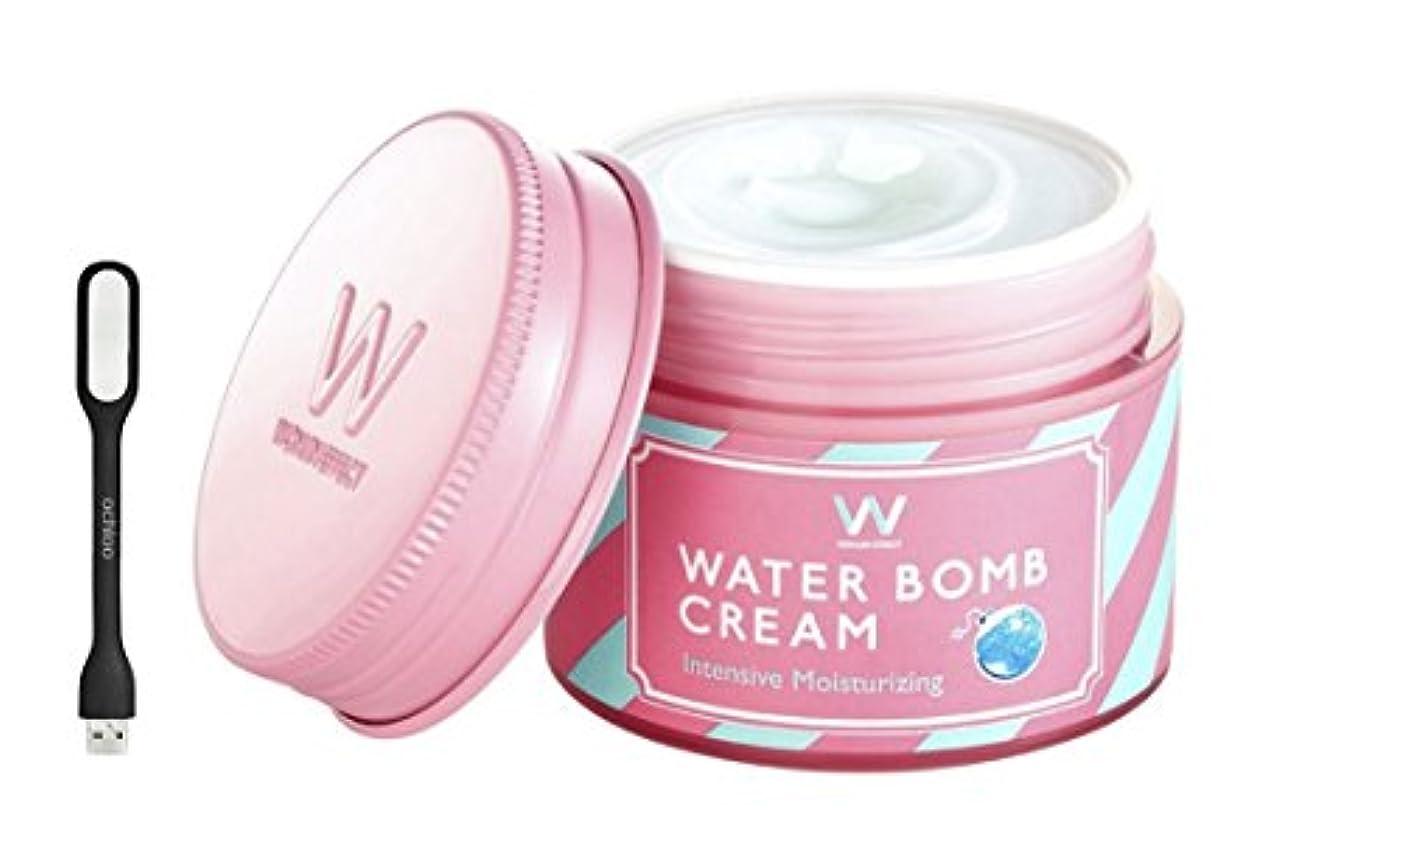 プレゼンテーションバルコニーヘビーWONJIN EFFECT ウォンジンエフェクト水爆弾クリーム/ウォーターボムクリーム [Water Bomb Cream] - 50ml, 1.69 fl. oz.+ Ochloo logo led